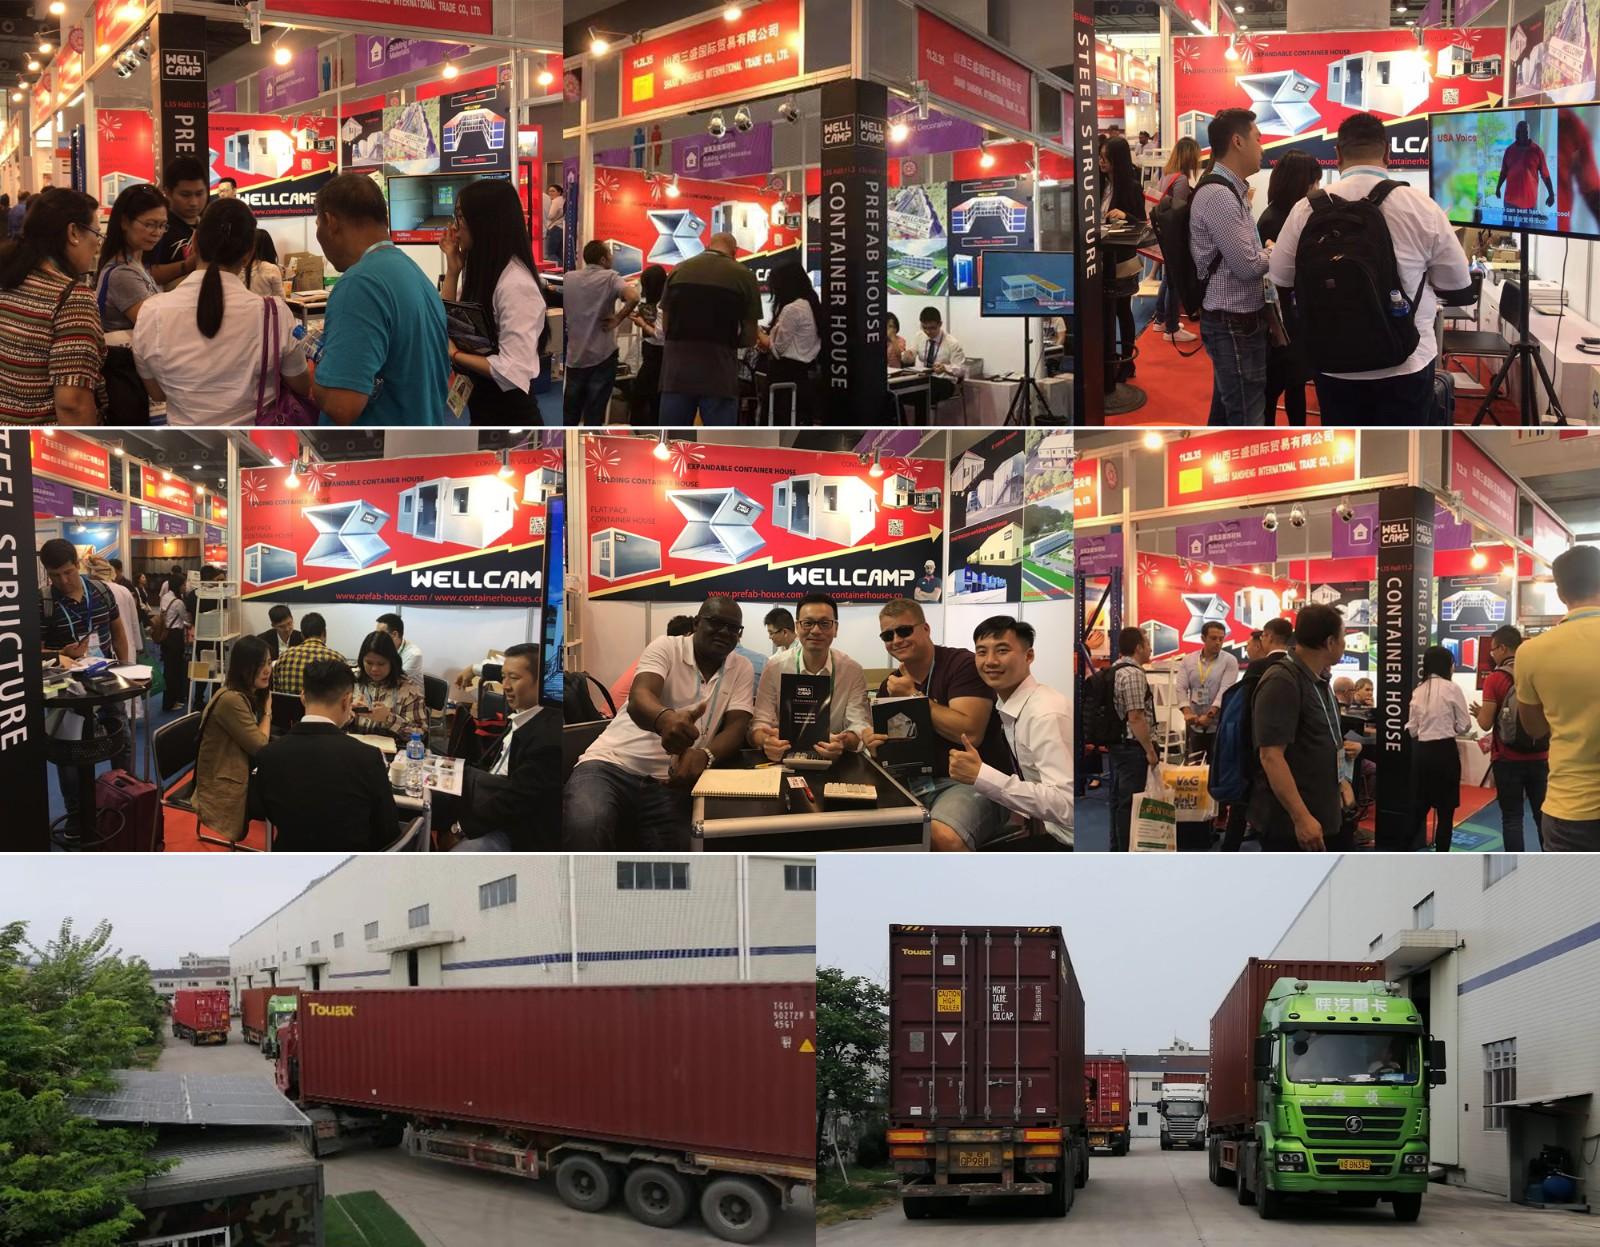 WELLCAMP, WELLCAMP prefab house, WELLCAMP container house-Busy Harvest 126th Canton Fair, Foshan We